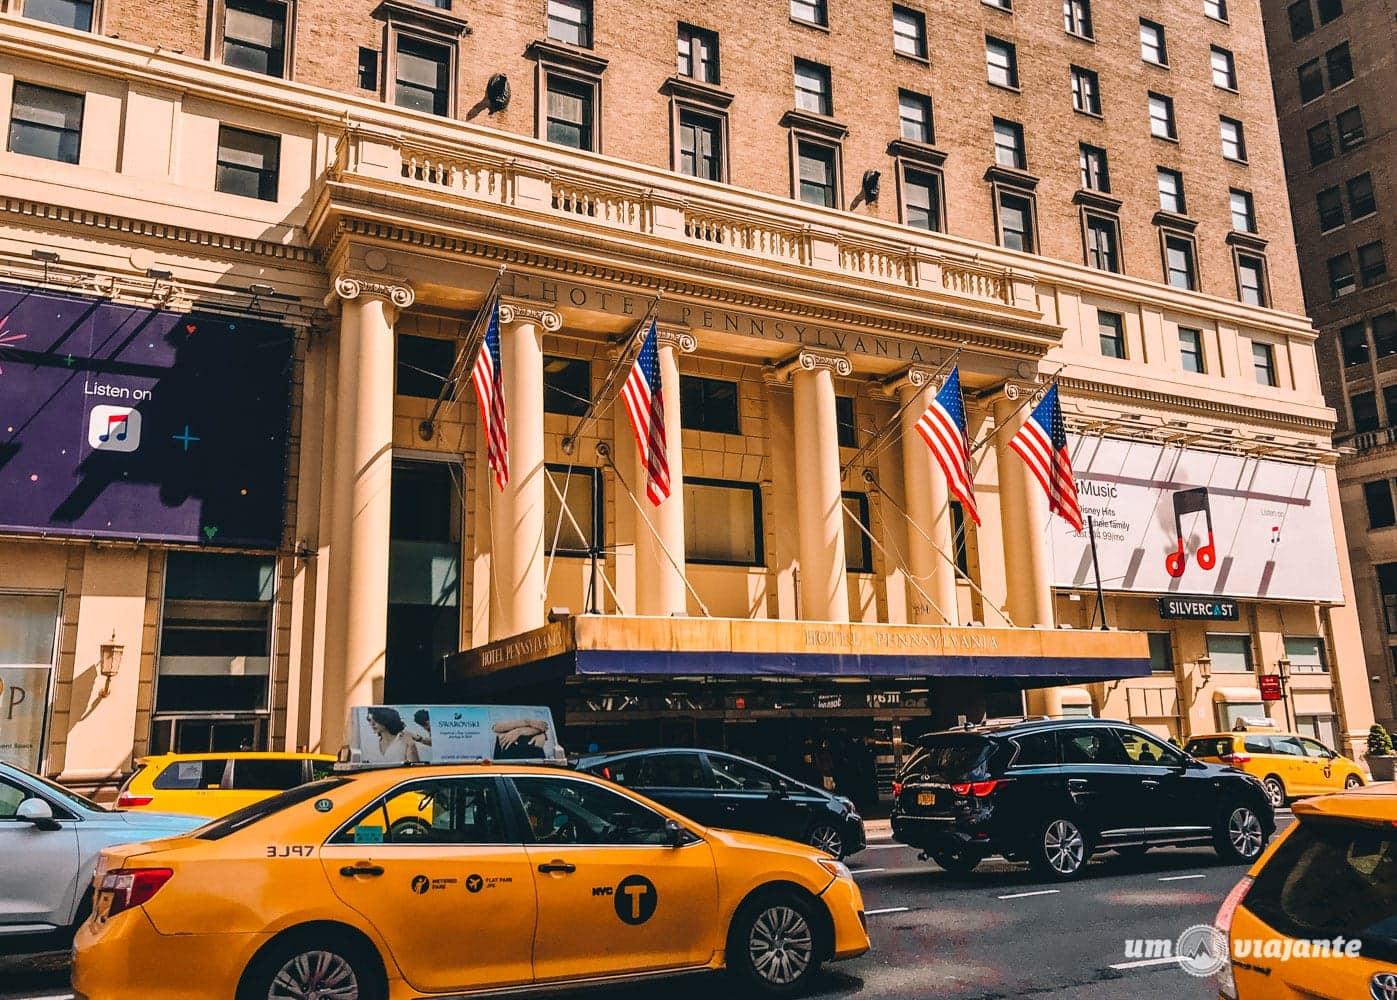 Hotel Pennsylvania Nova York: vale a pena ficar no pior/melhor hotel de NYC